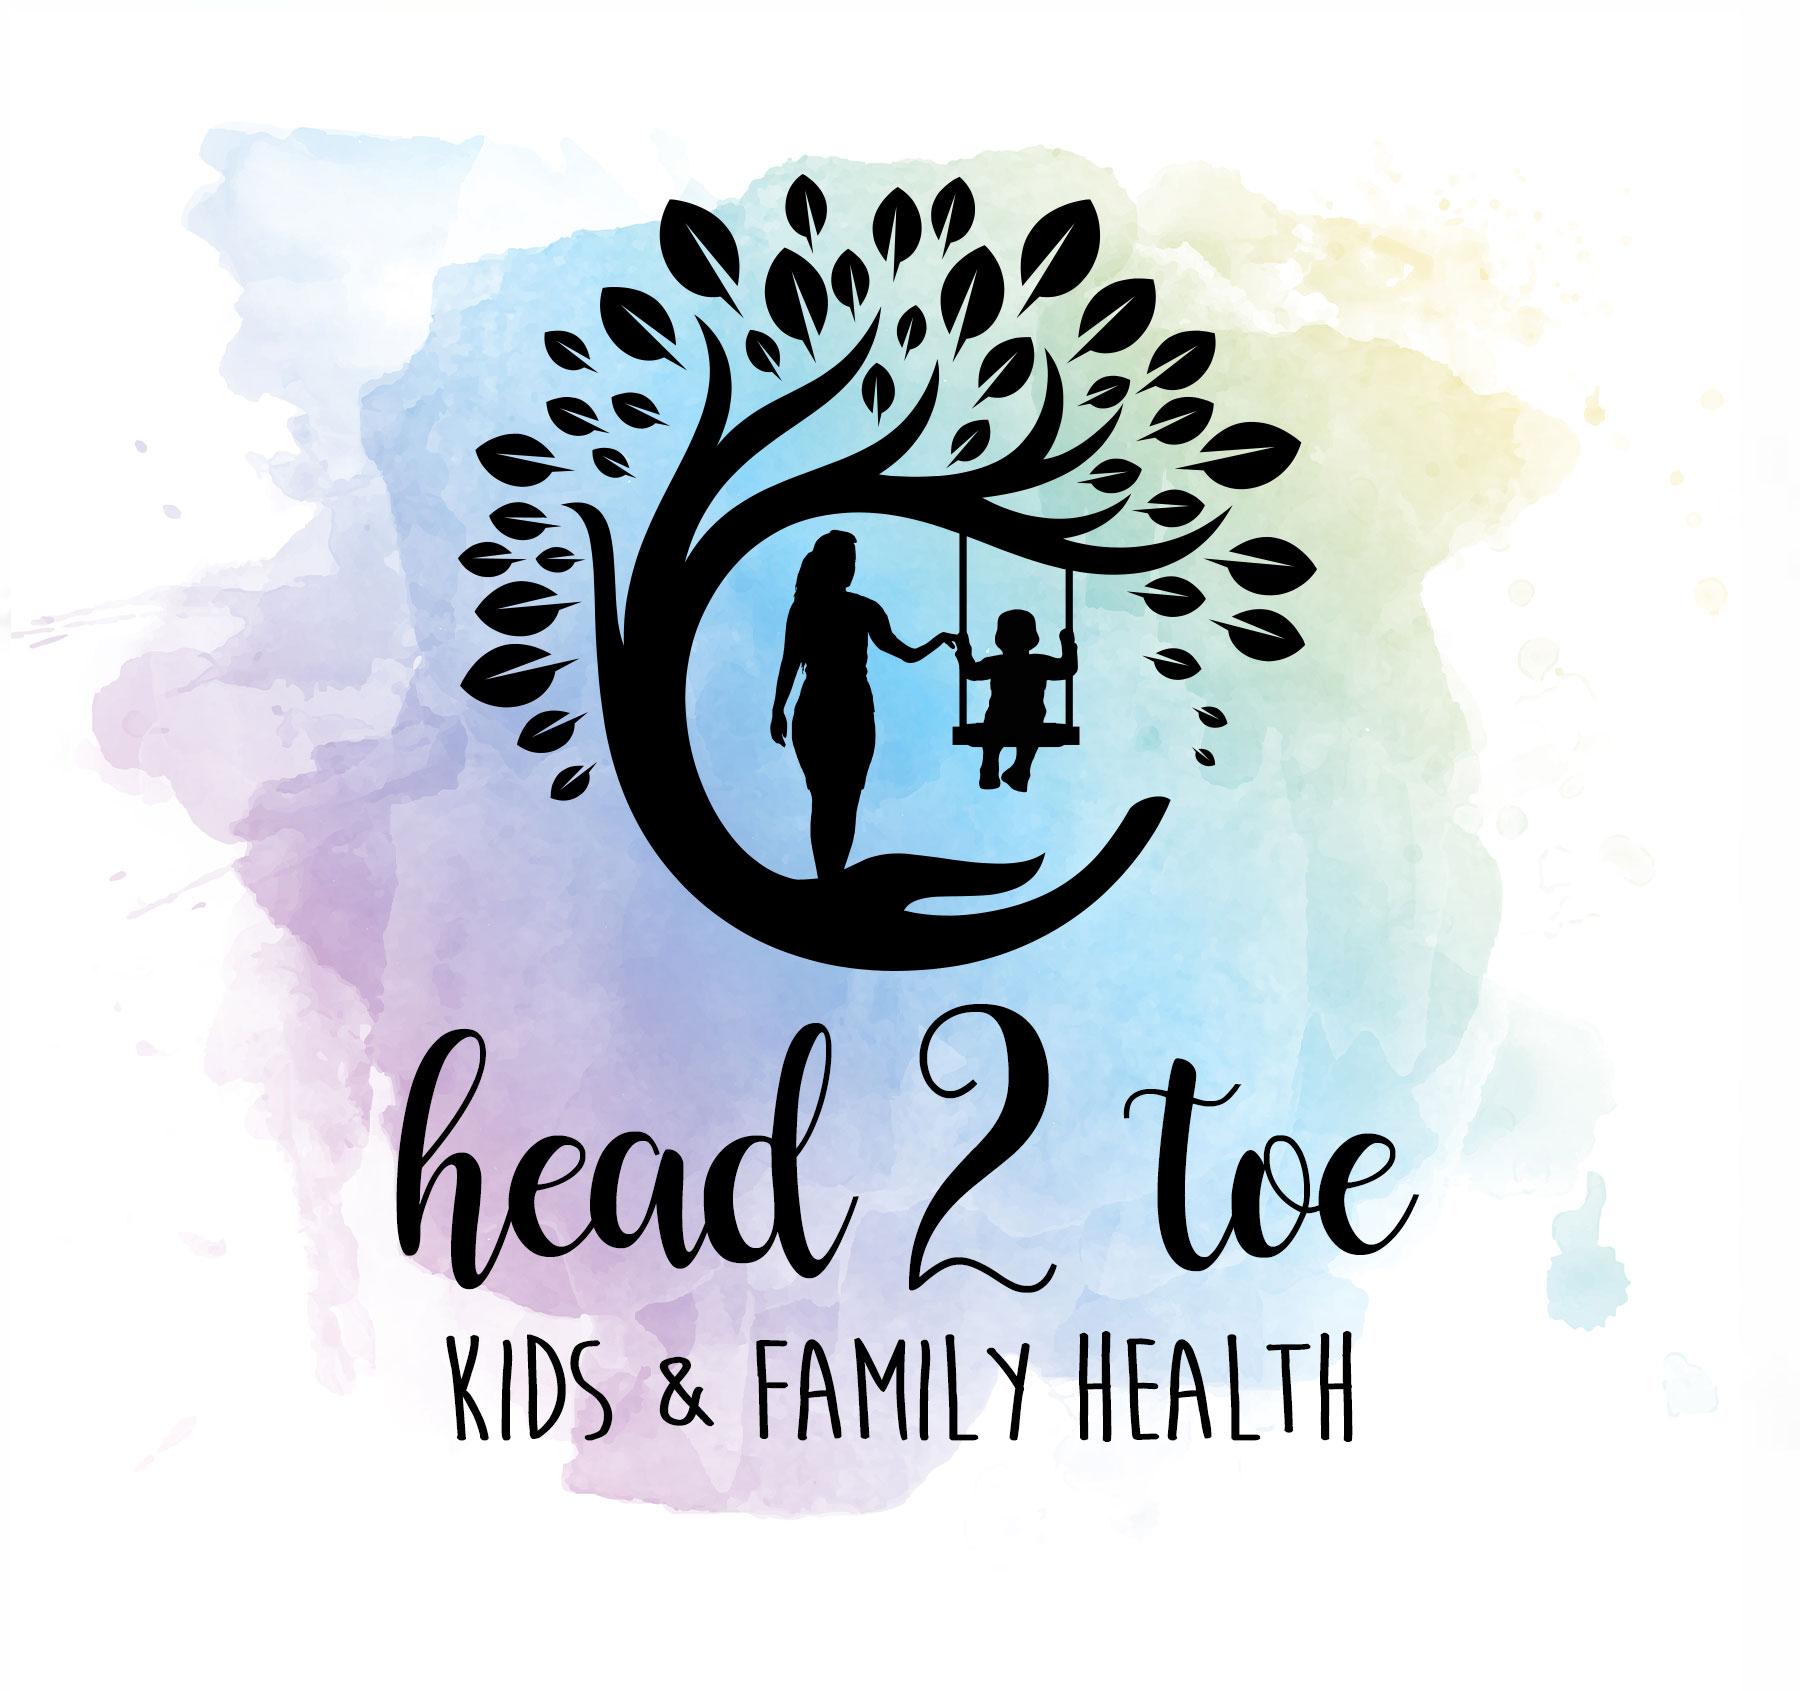 Head 2 Toe Kids & Family Health